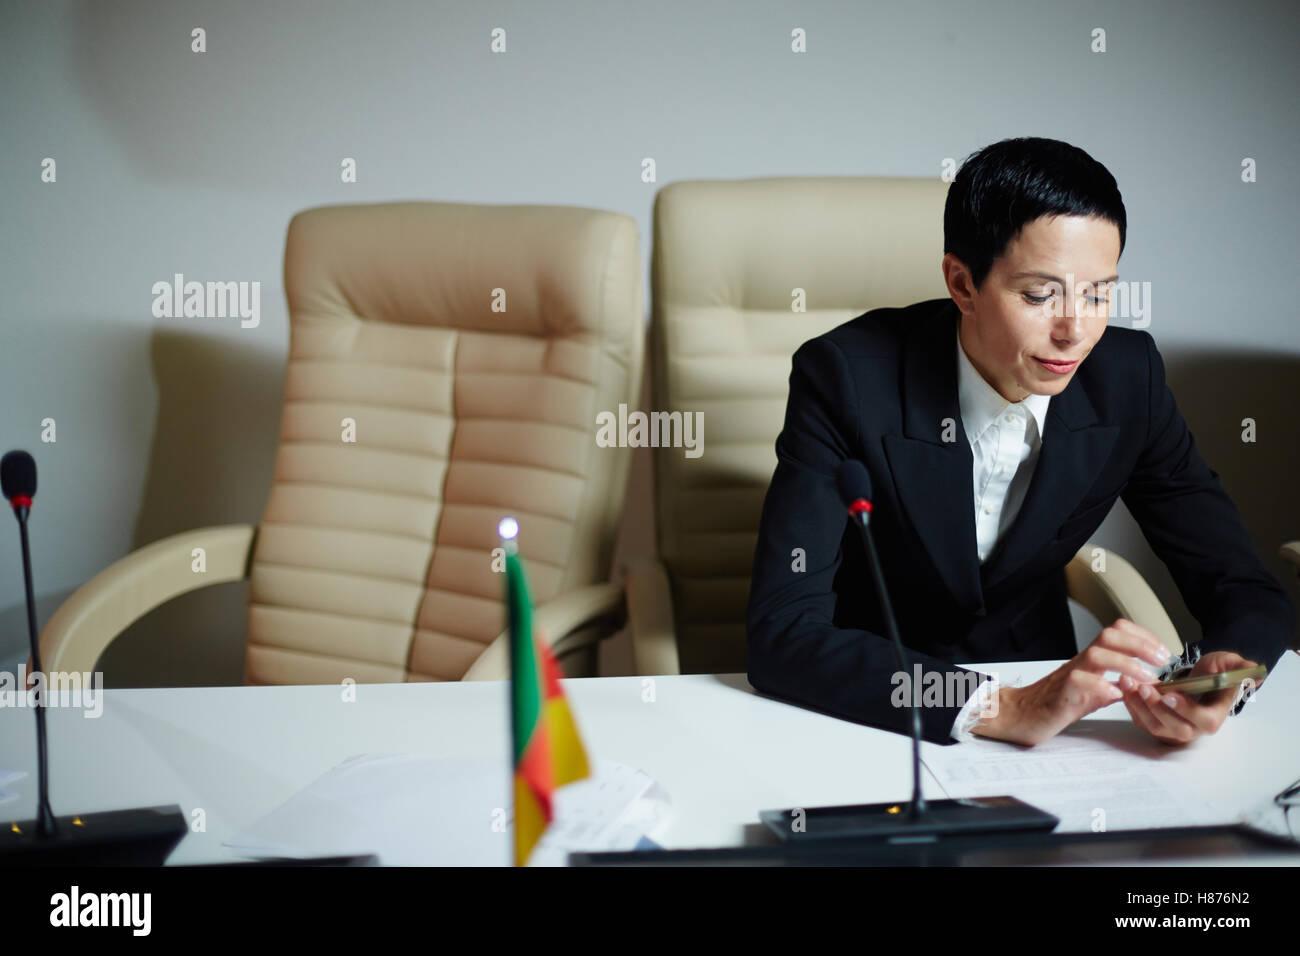 Female delegate on break - Stock Image